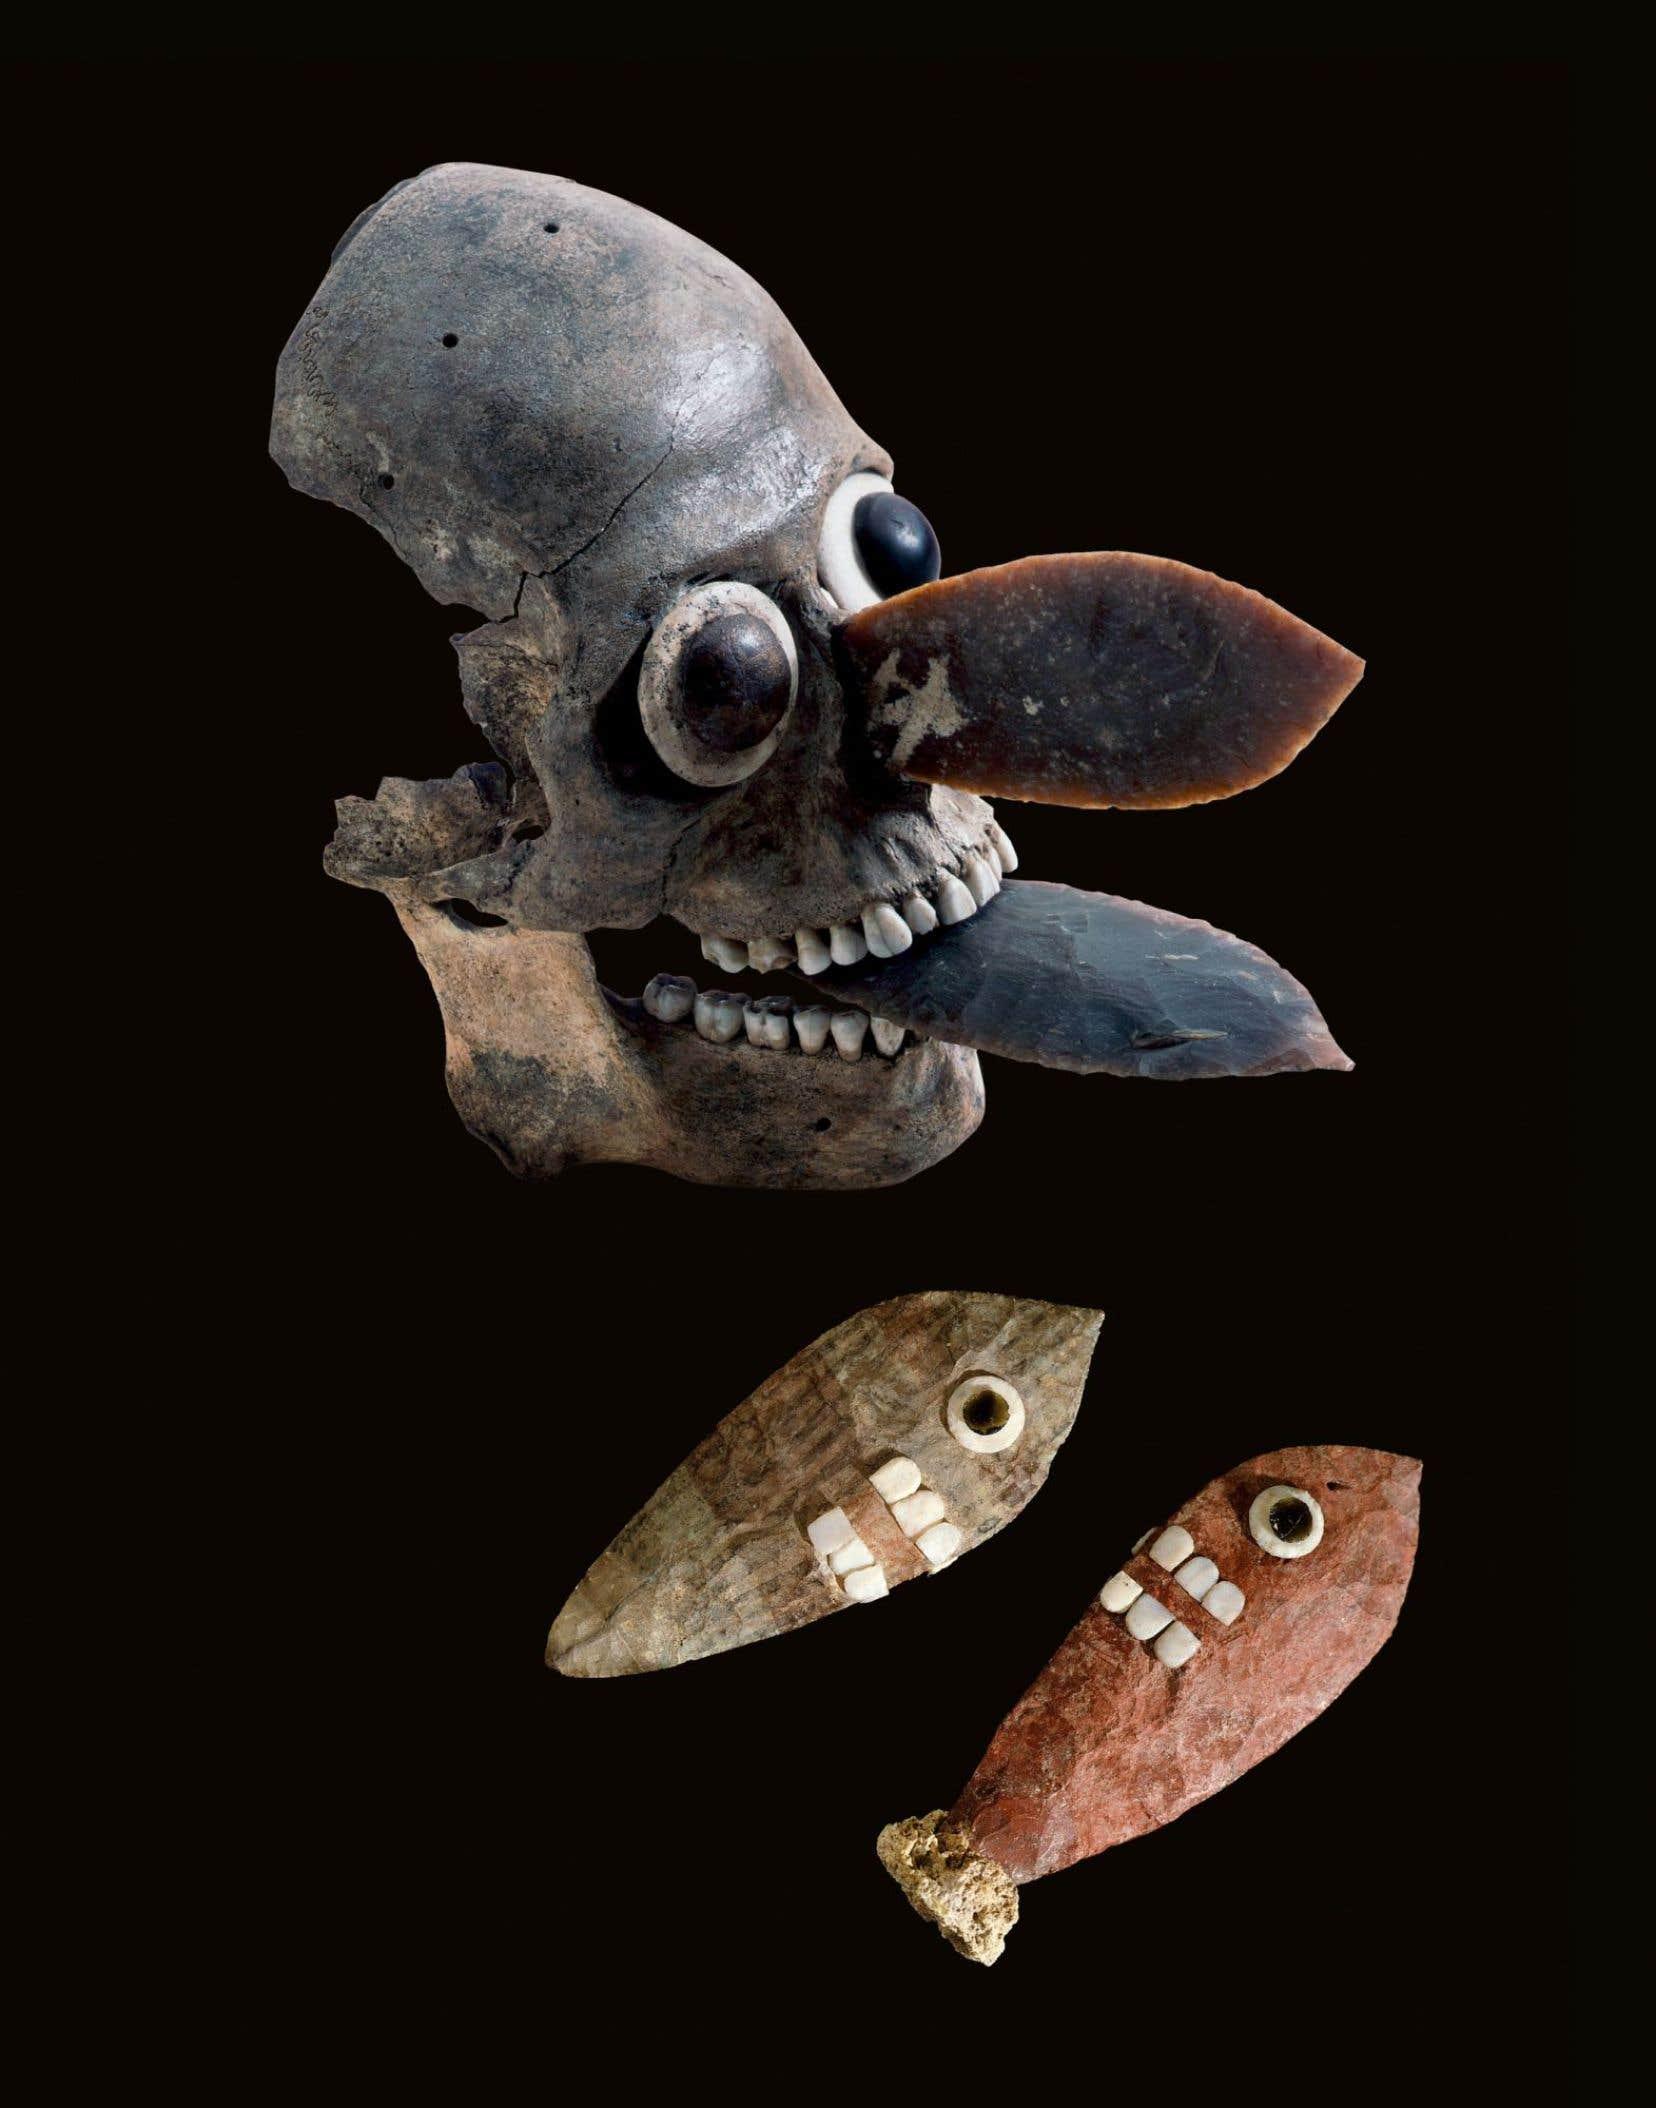 Masque fait d'un crâne humain planté de deux lames de couteaux sacrificiels qui pourrait représenter Mictlantecuhtli, le dieu de la mort.